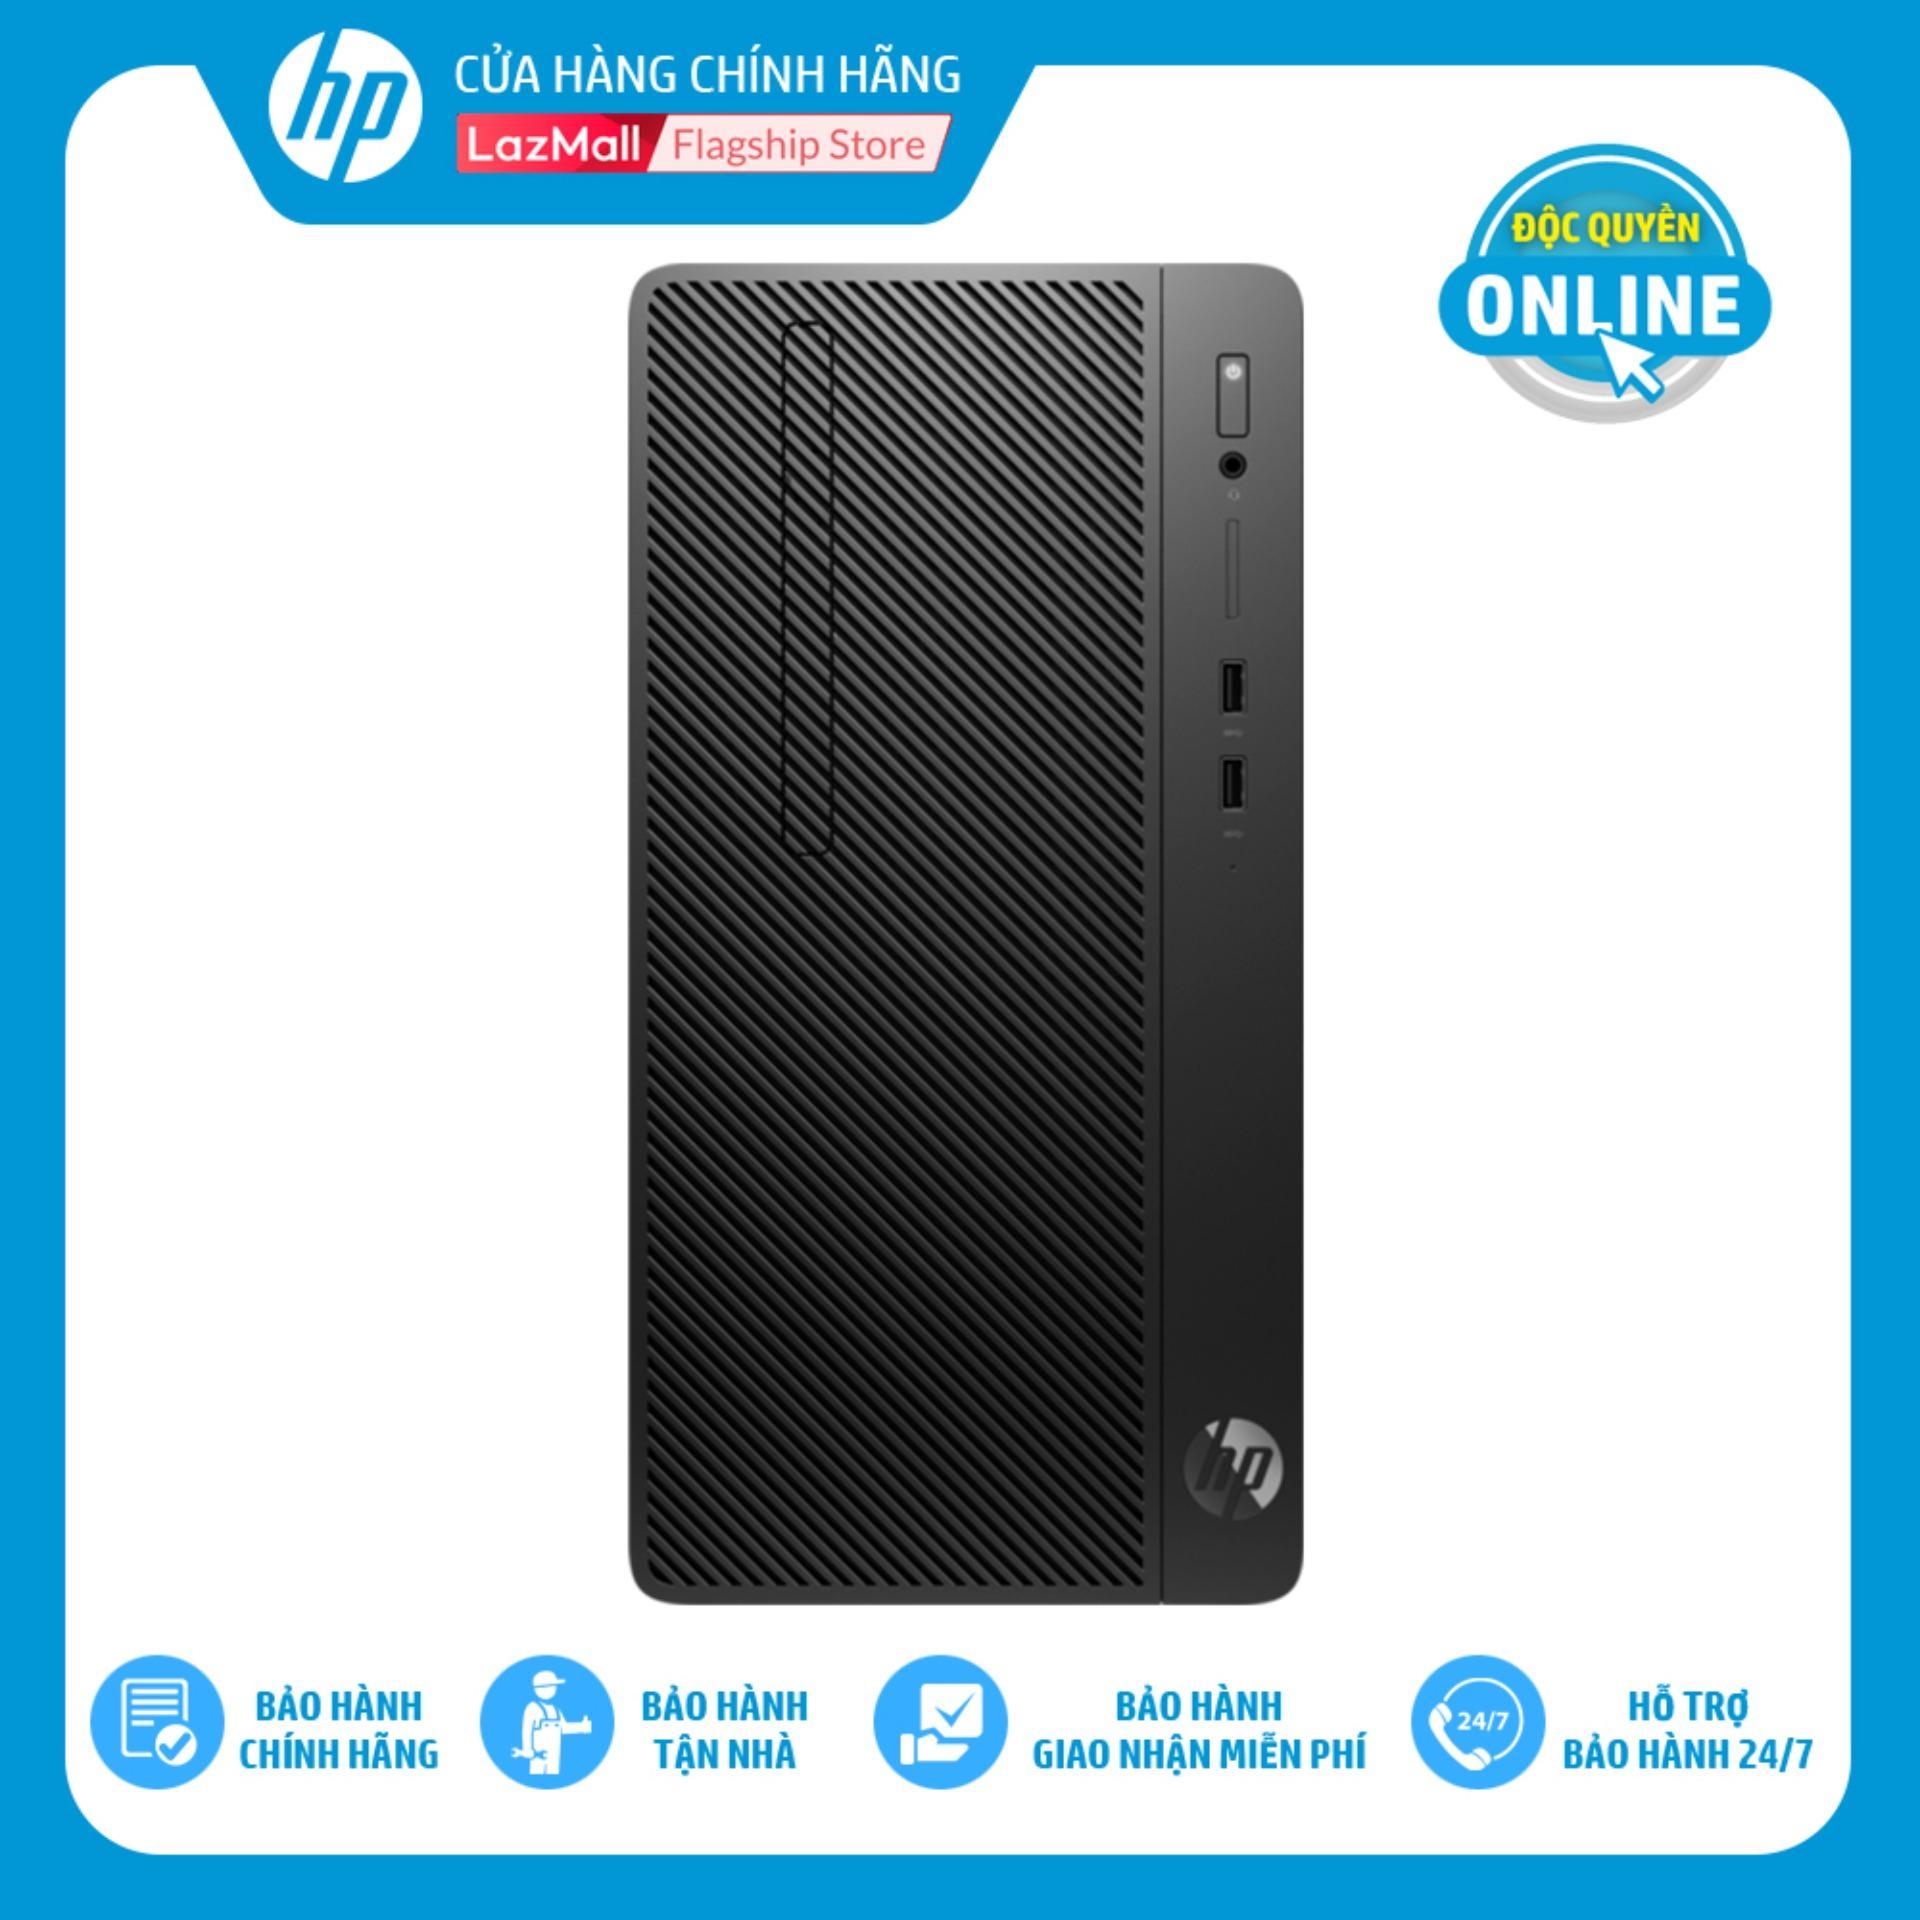 Máy Tính để Bàn HP 280 G4 Microtower (Intel Core I5-8500/ 8GB RAM DDR4/ 1TB HDD/DOS/8JU09PA) - Hàng Chính Hãng Giá Cực Cool